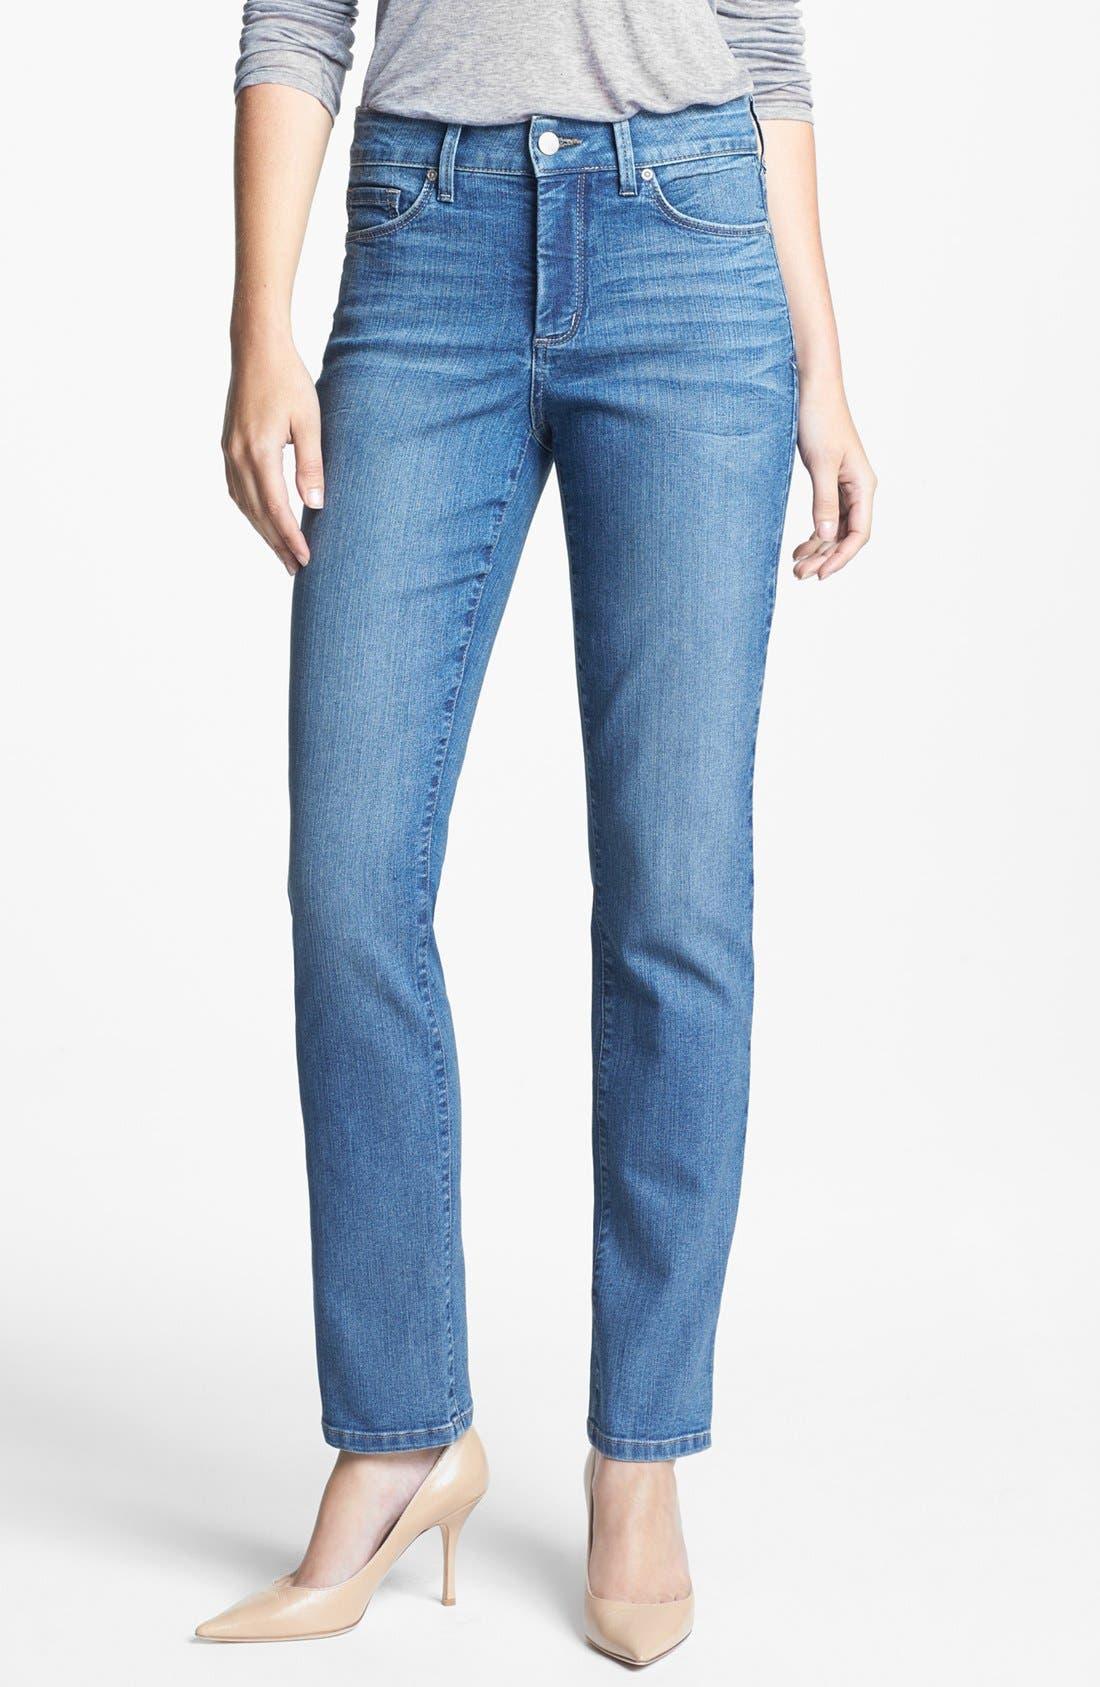 Main Image - NYDJ 'Sheri' Stretch Skinny Jeans (Ontario) (Petite)